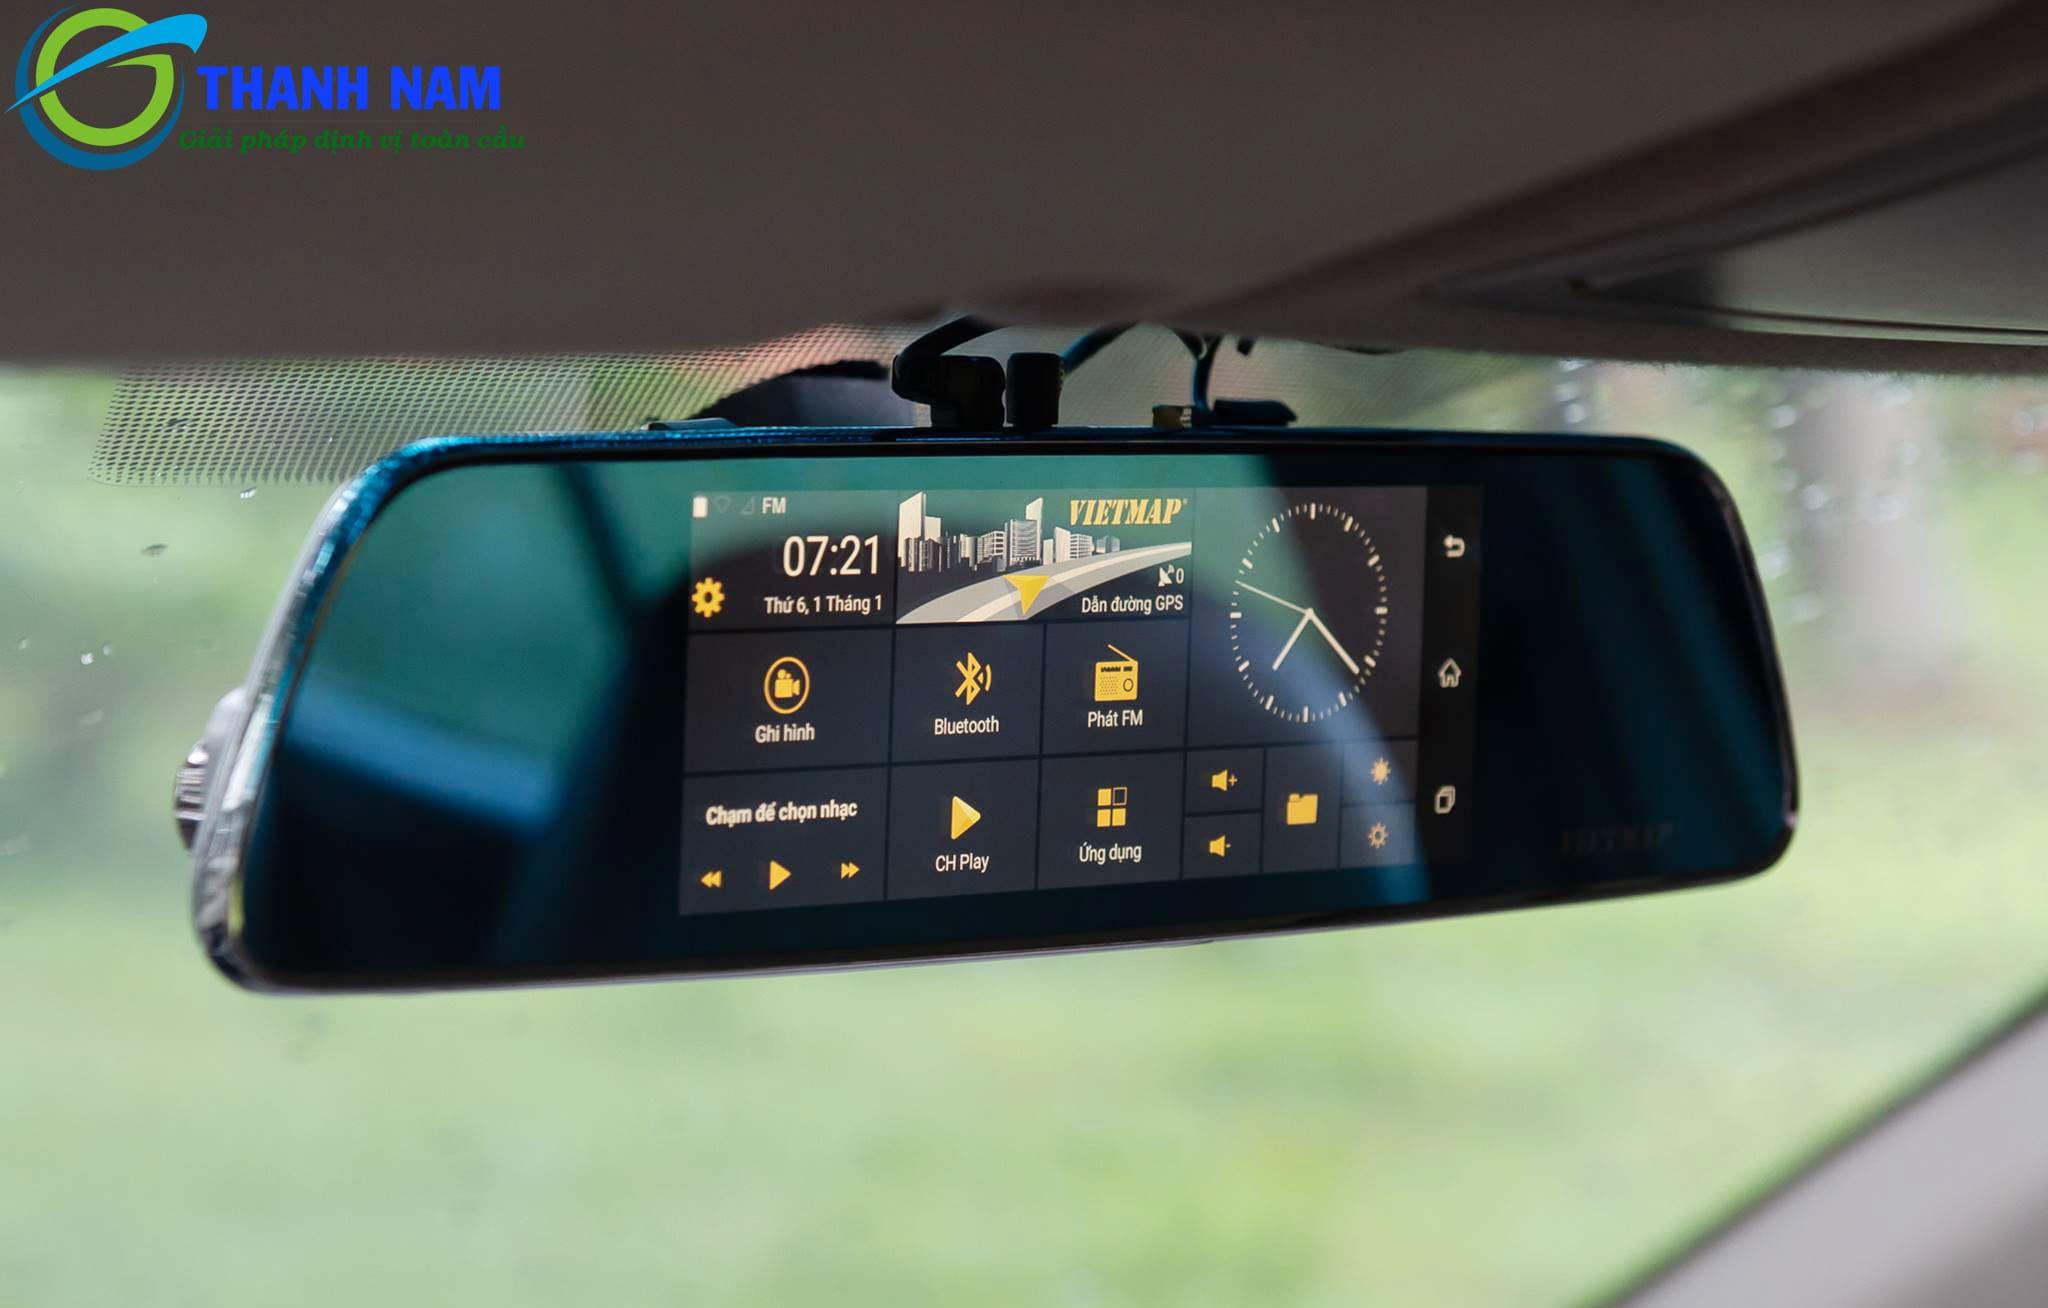 camera hành trình dẫn đường thông minh Vietmap iDVR P1